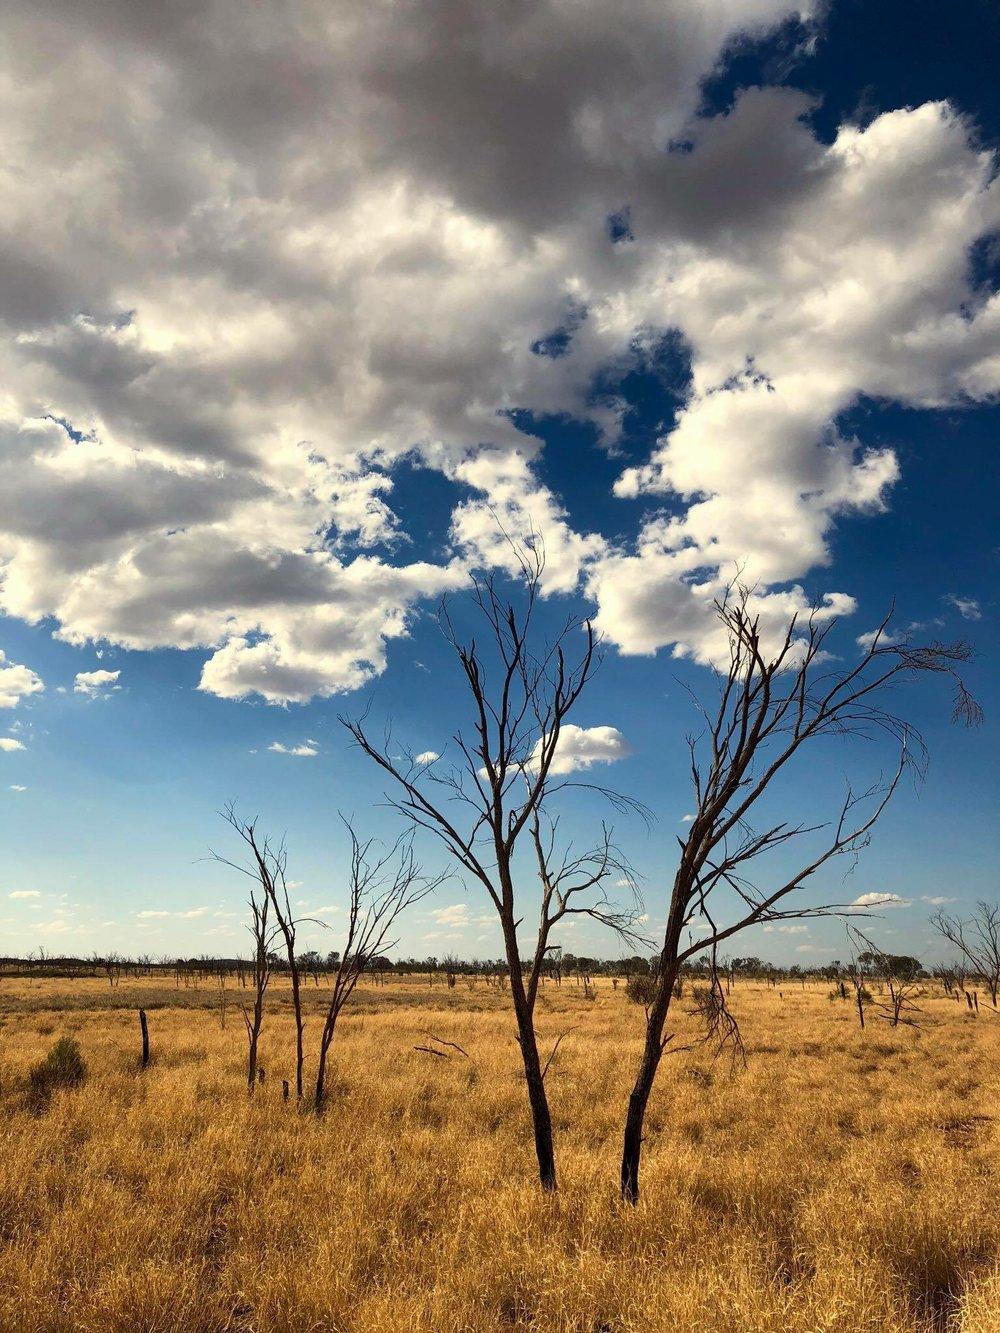 Périple dans les déserts Australiens. Eté 2018. © Photo : Aboriginal Signature Estrangin gallery.